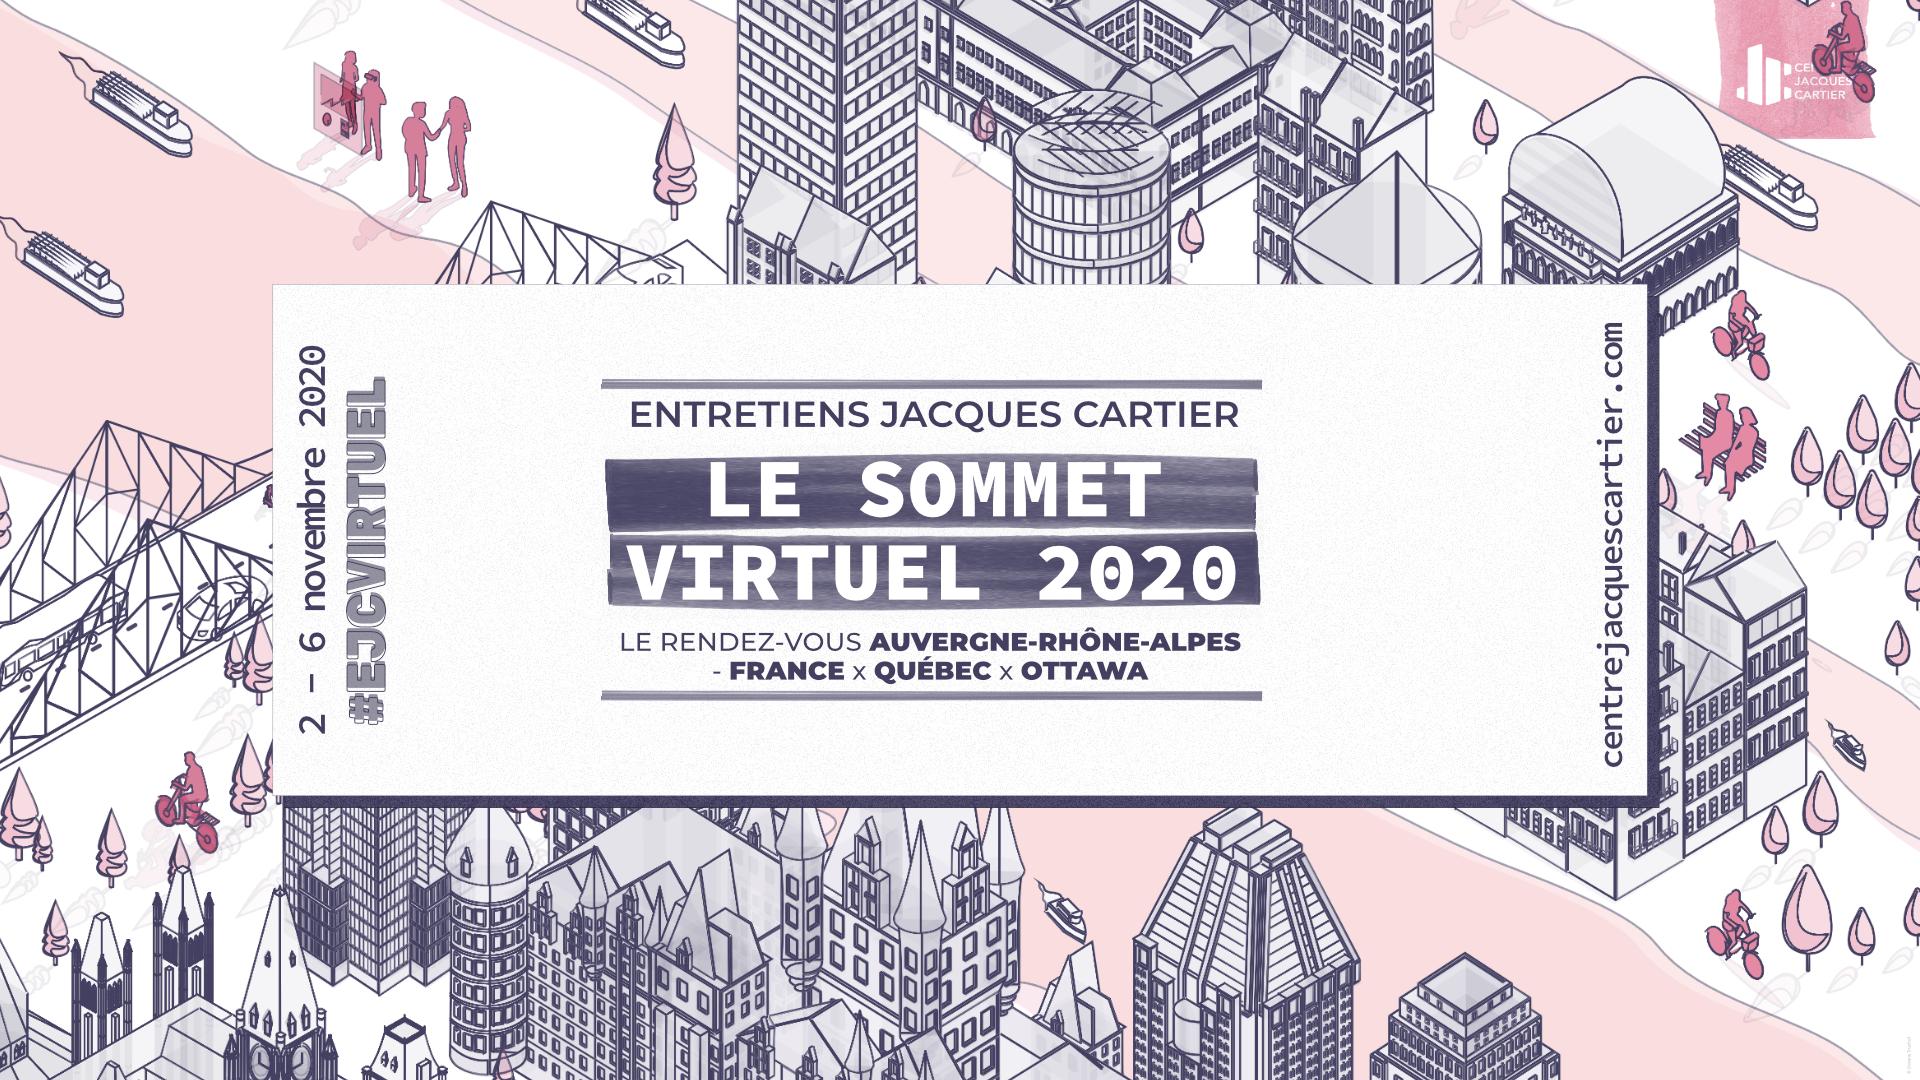 Évènement | Les entretiens Jacques Cartier à Clermont-Ferrand